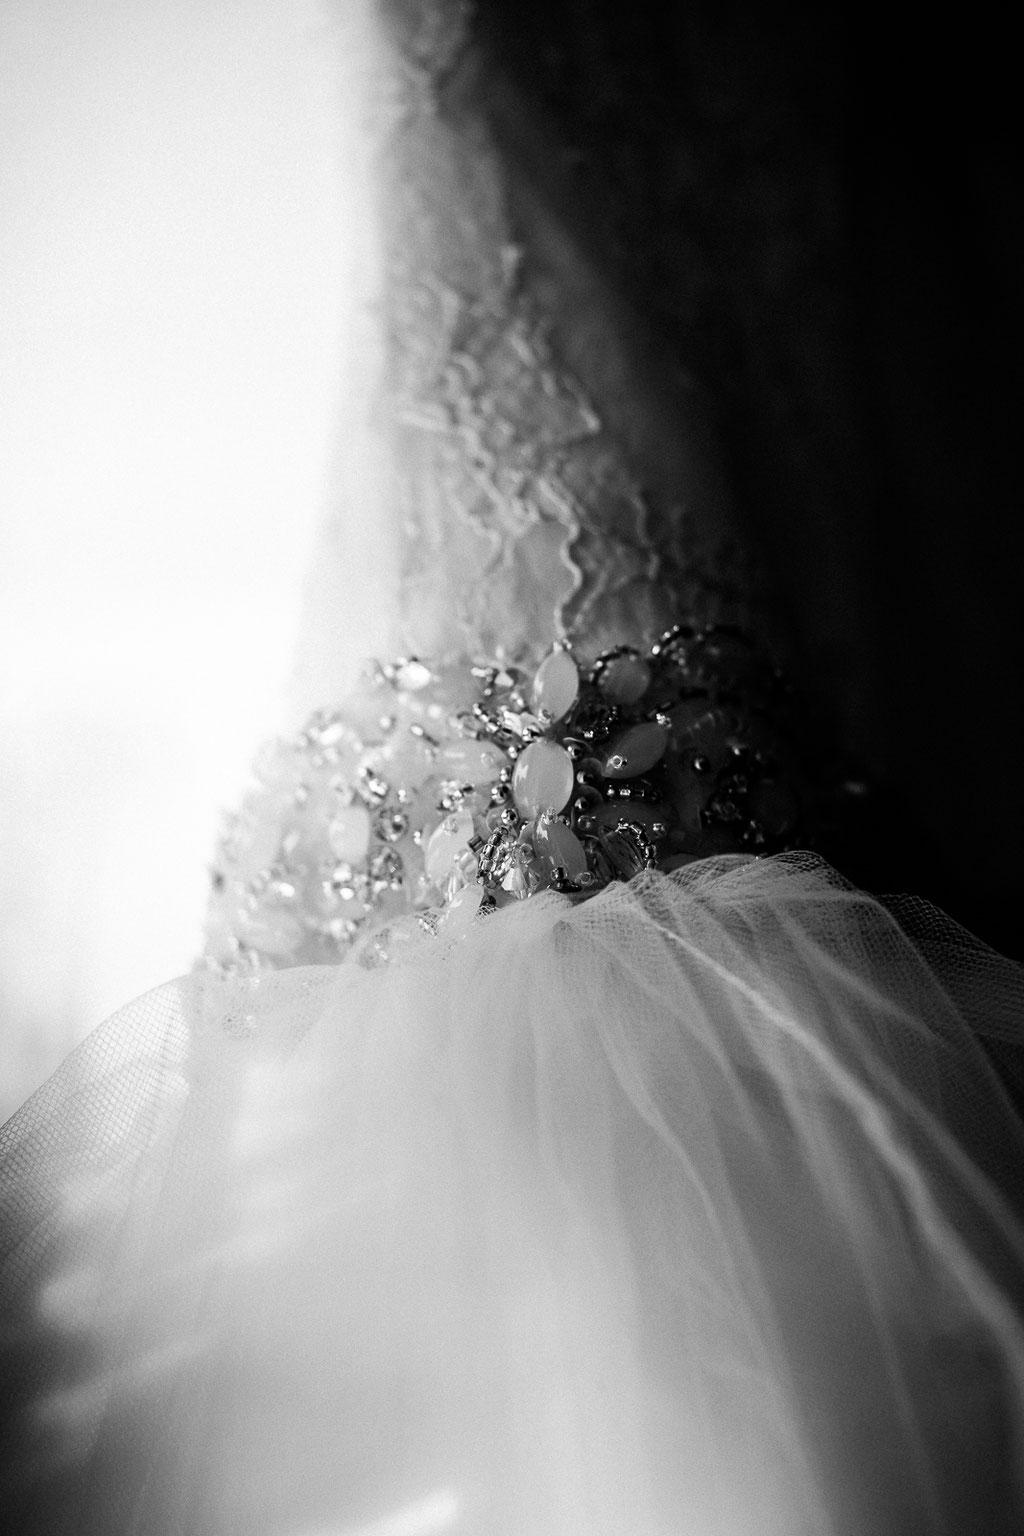 ROVA FineArt Wedding photography - hochzeit ansbach franken -hochzeitsfotografie